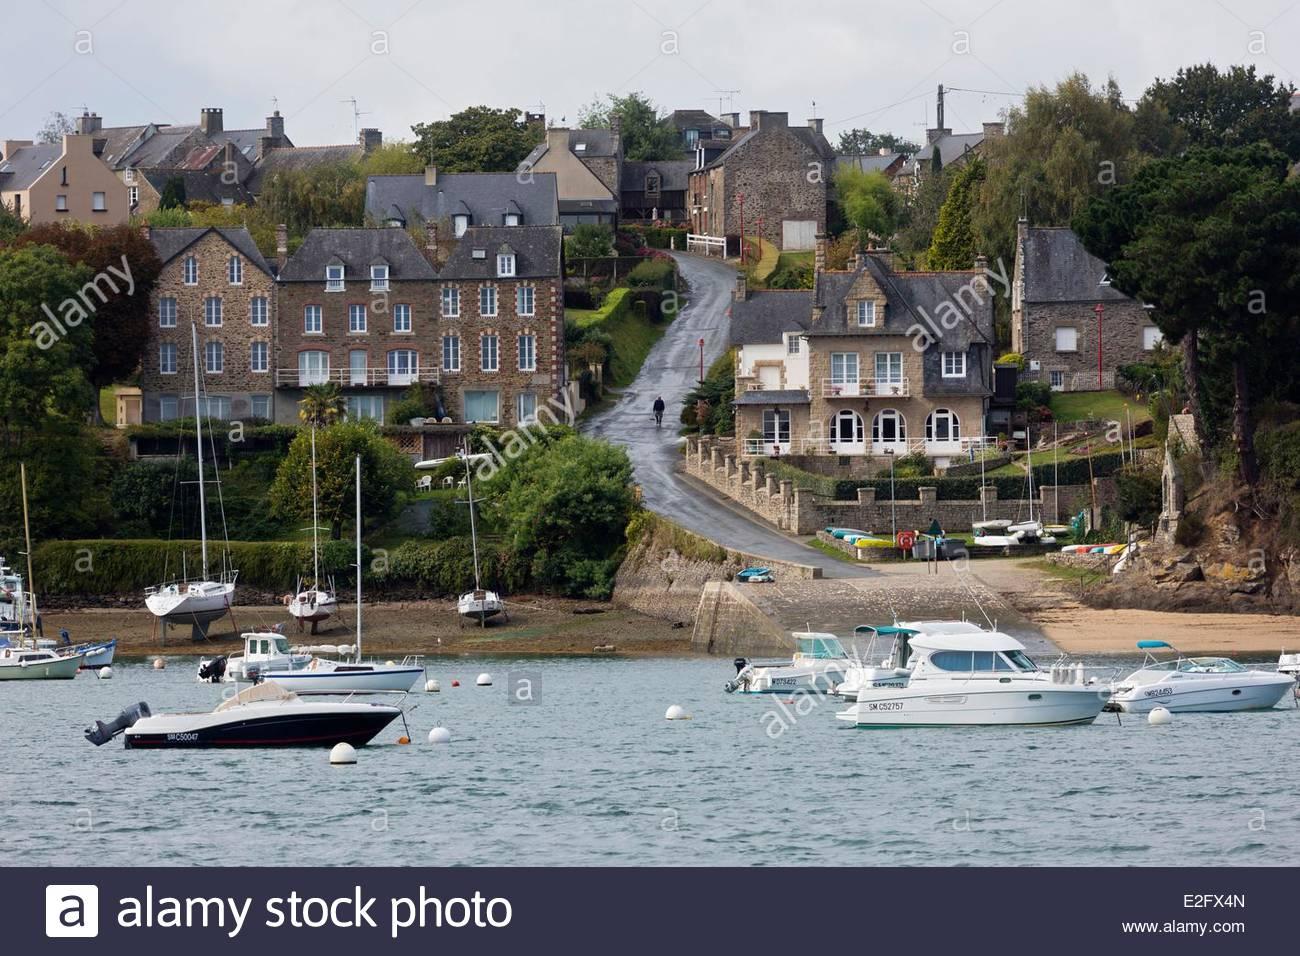 France Ille et Vilaine Cote d'Emeraude (Emerald Coast) Rance Valley Le Minihic sur Rance La Landriais dock Stock Photo